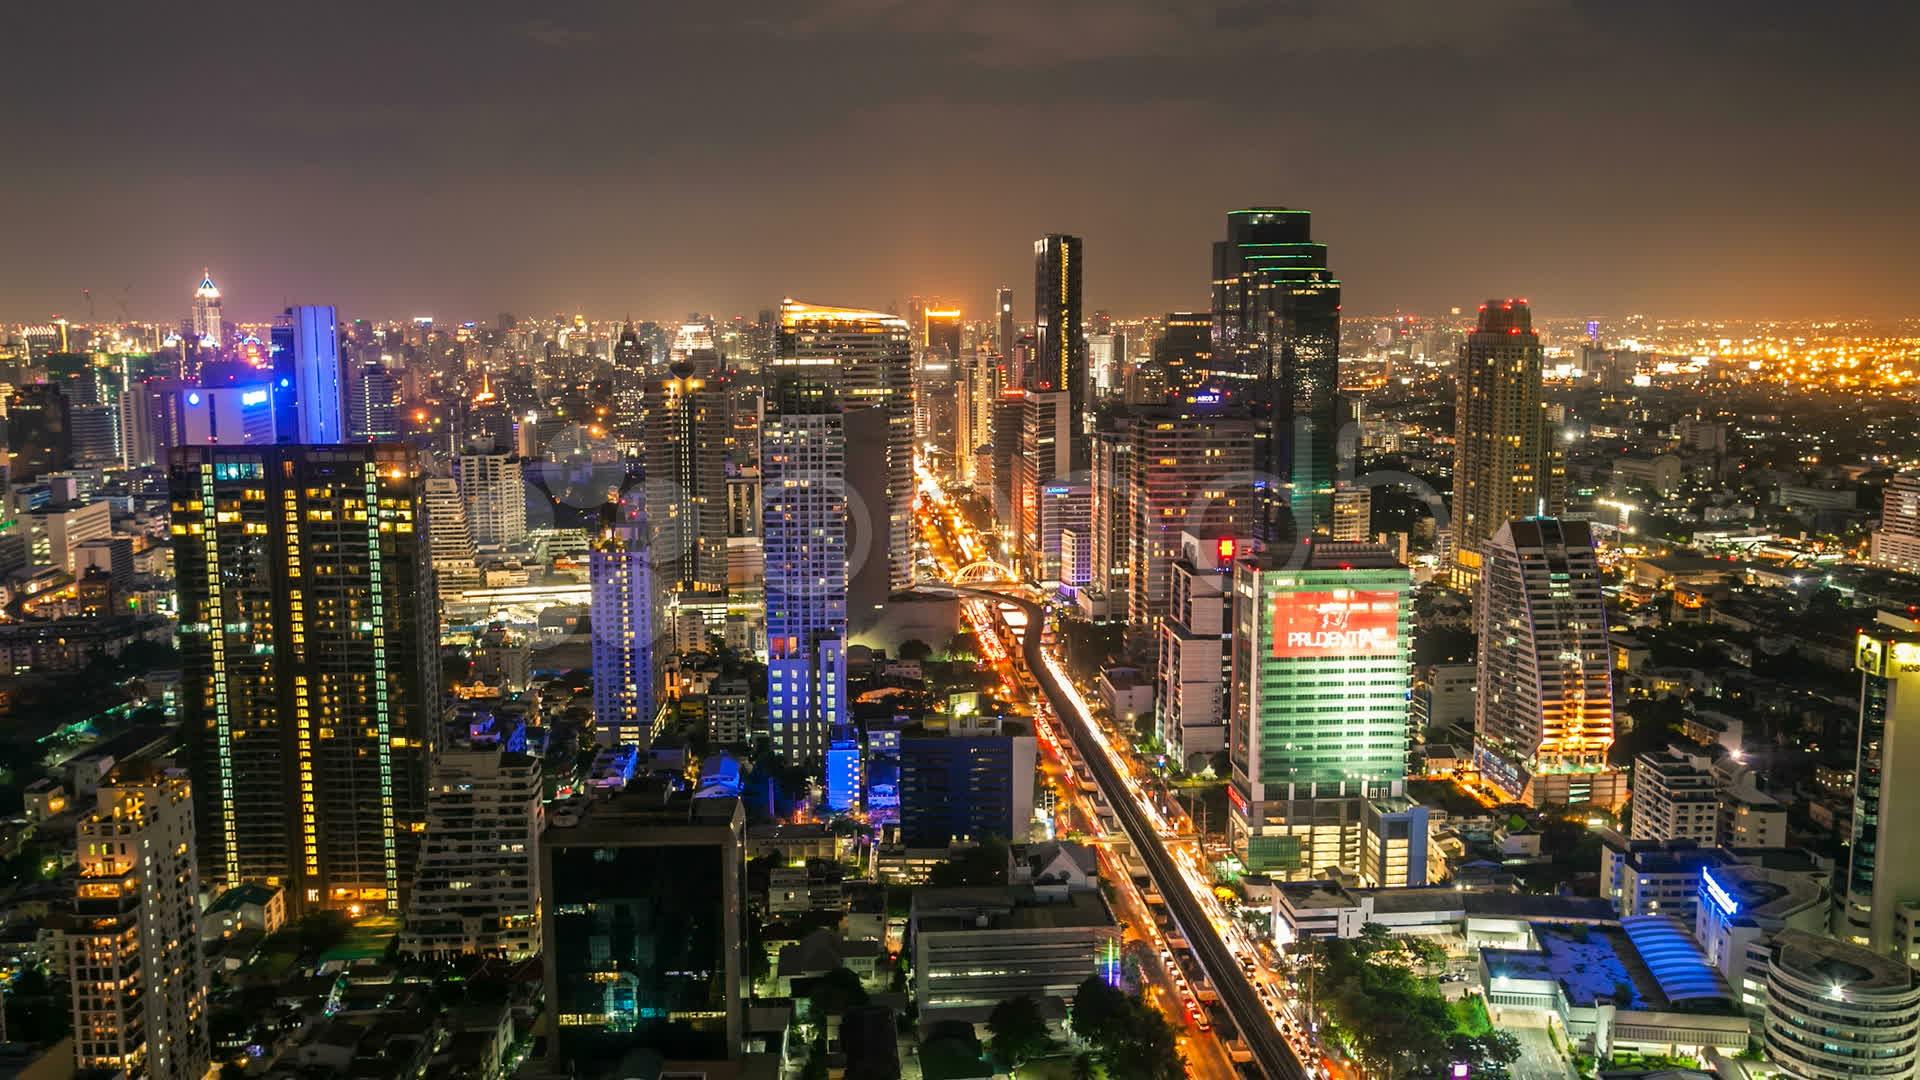 Drawn wallpaper cityscape Bangkok Dallas wallpaper At Texas